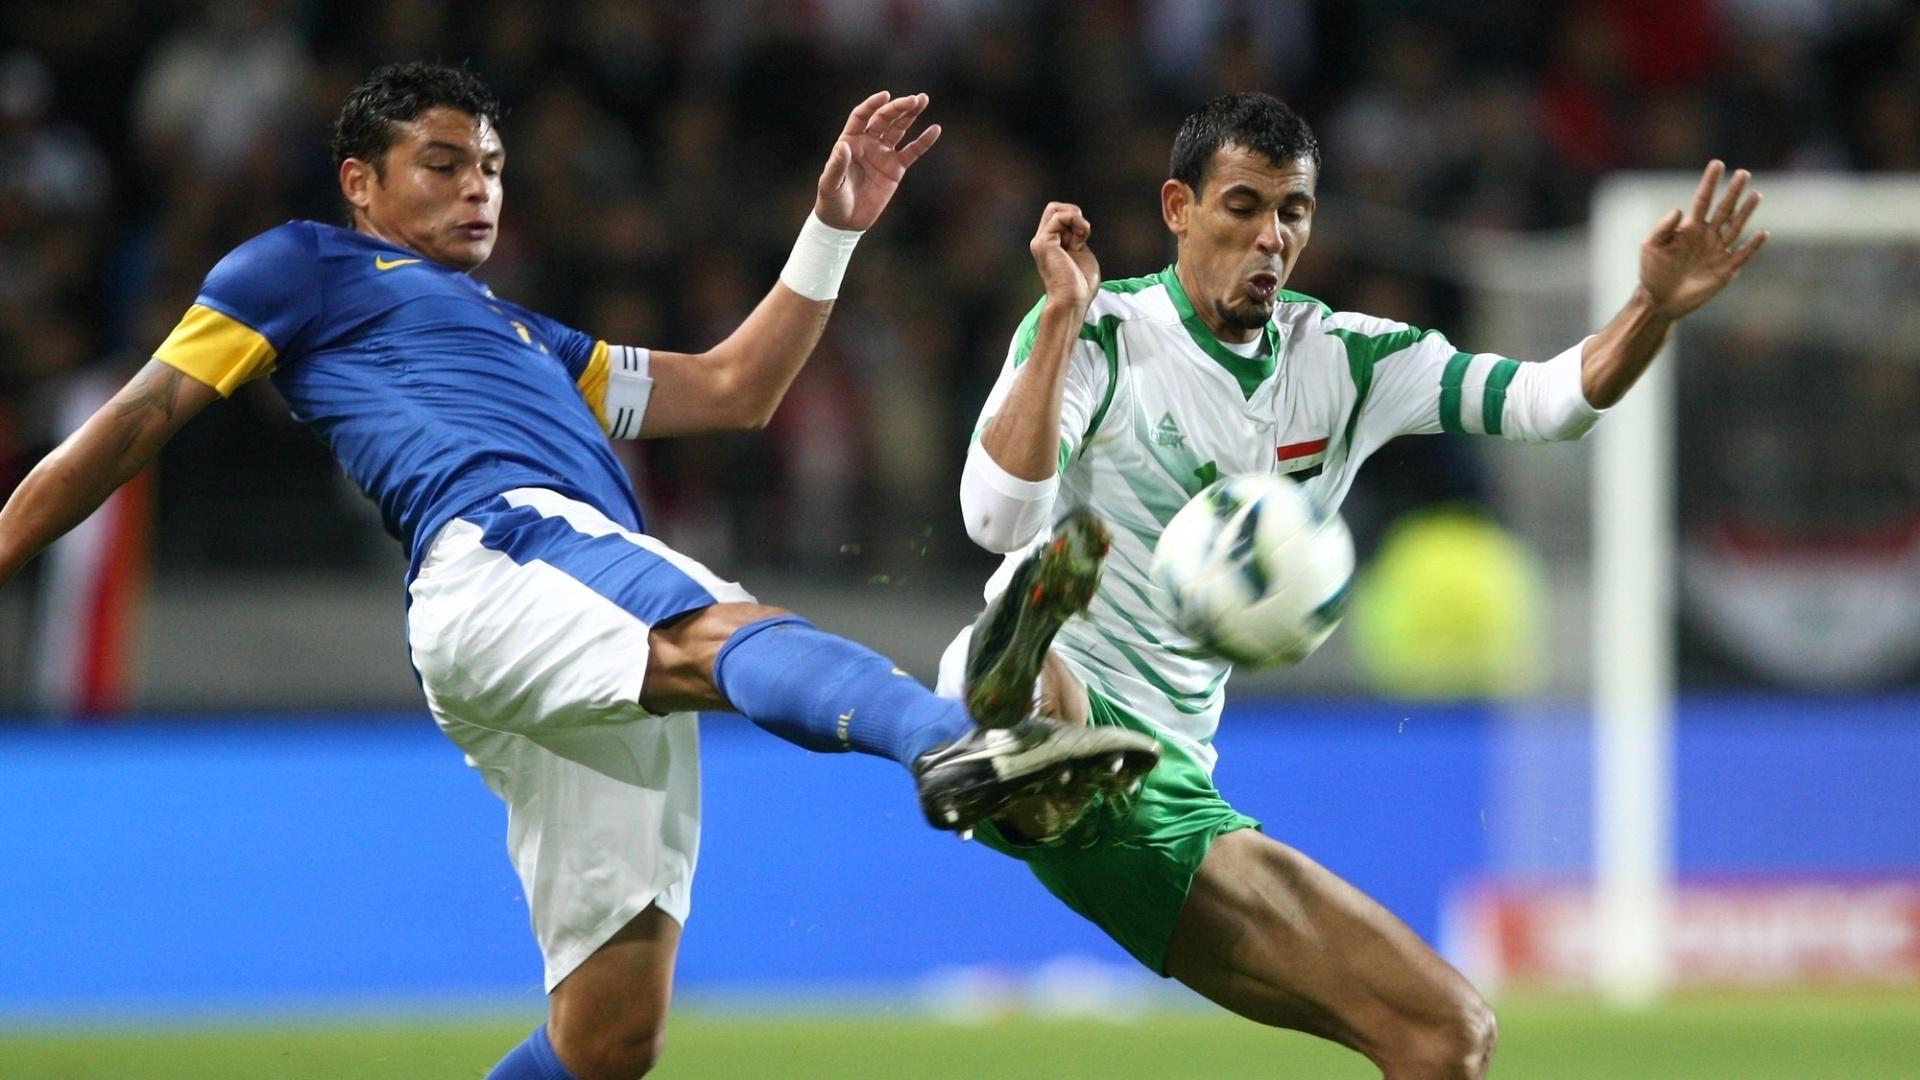 Thiago Silva, zagueiro da seleção brasileira, divide a bola com jogador iraquiano durante amistoso em Malmo